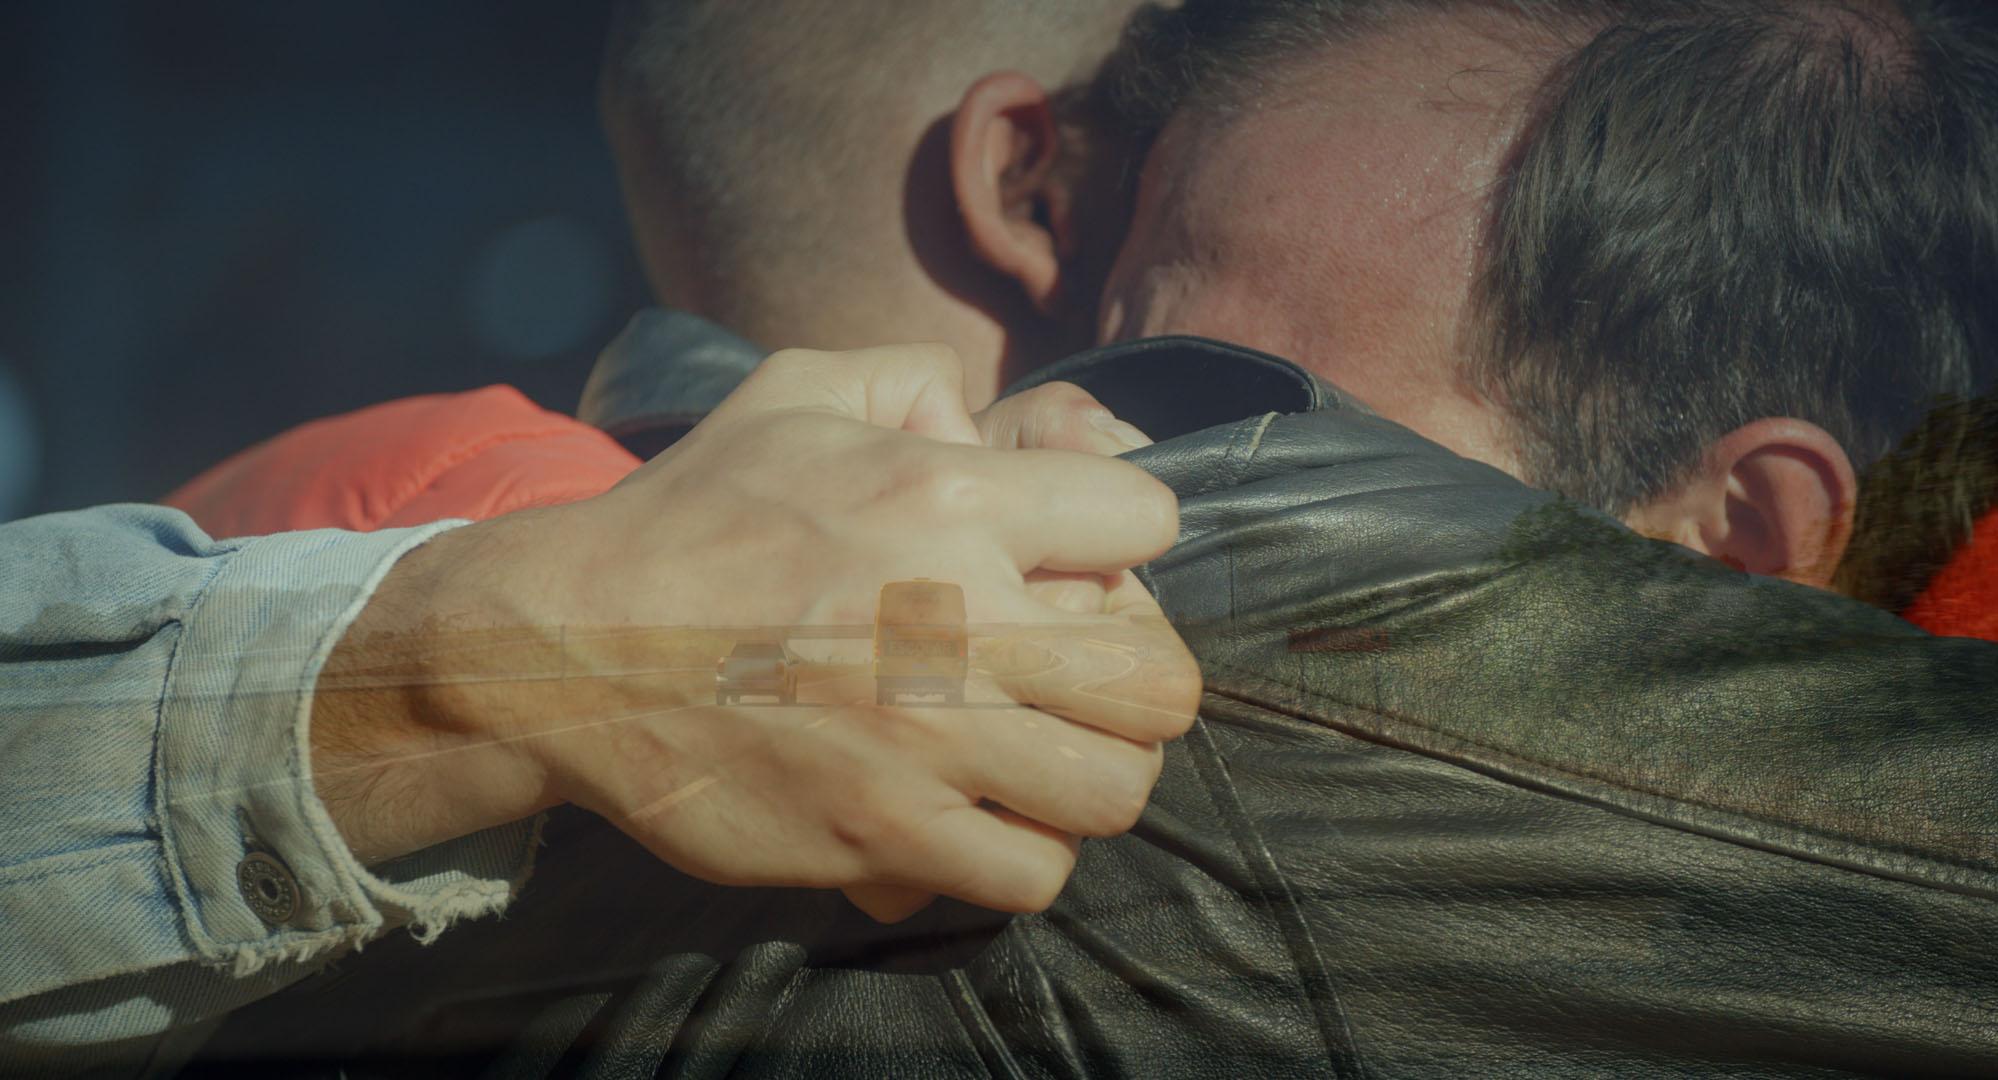 """""""Vento Seco"""", """"Perifericu"""" e filmes LGBT+ inéditos ficam 3 dias disponíveis gratuitamente"""